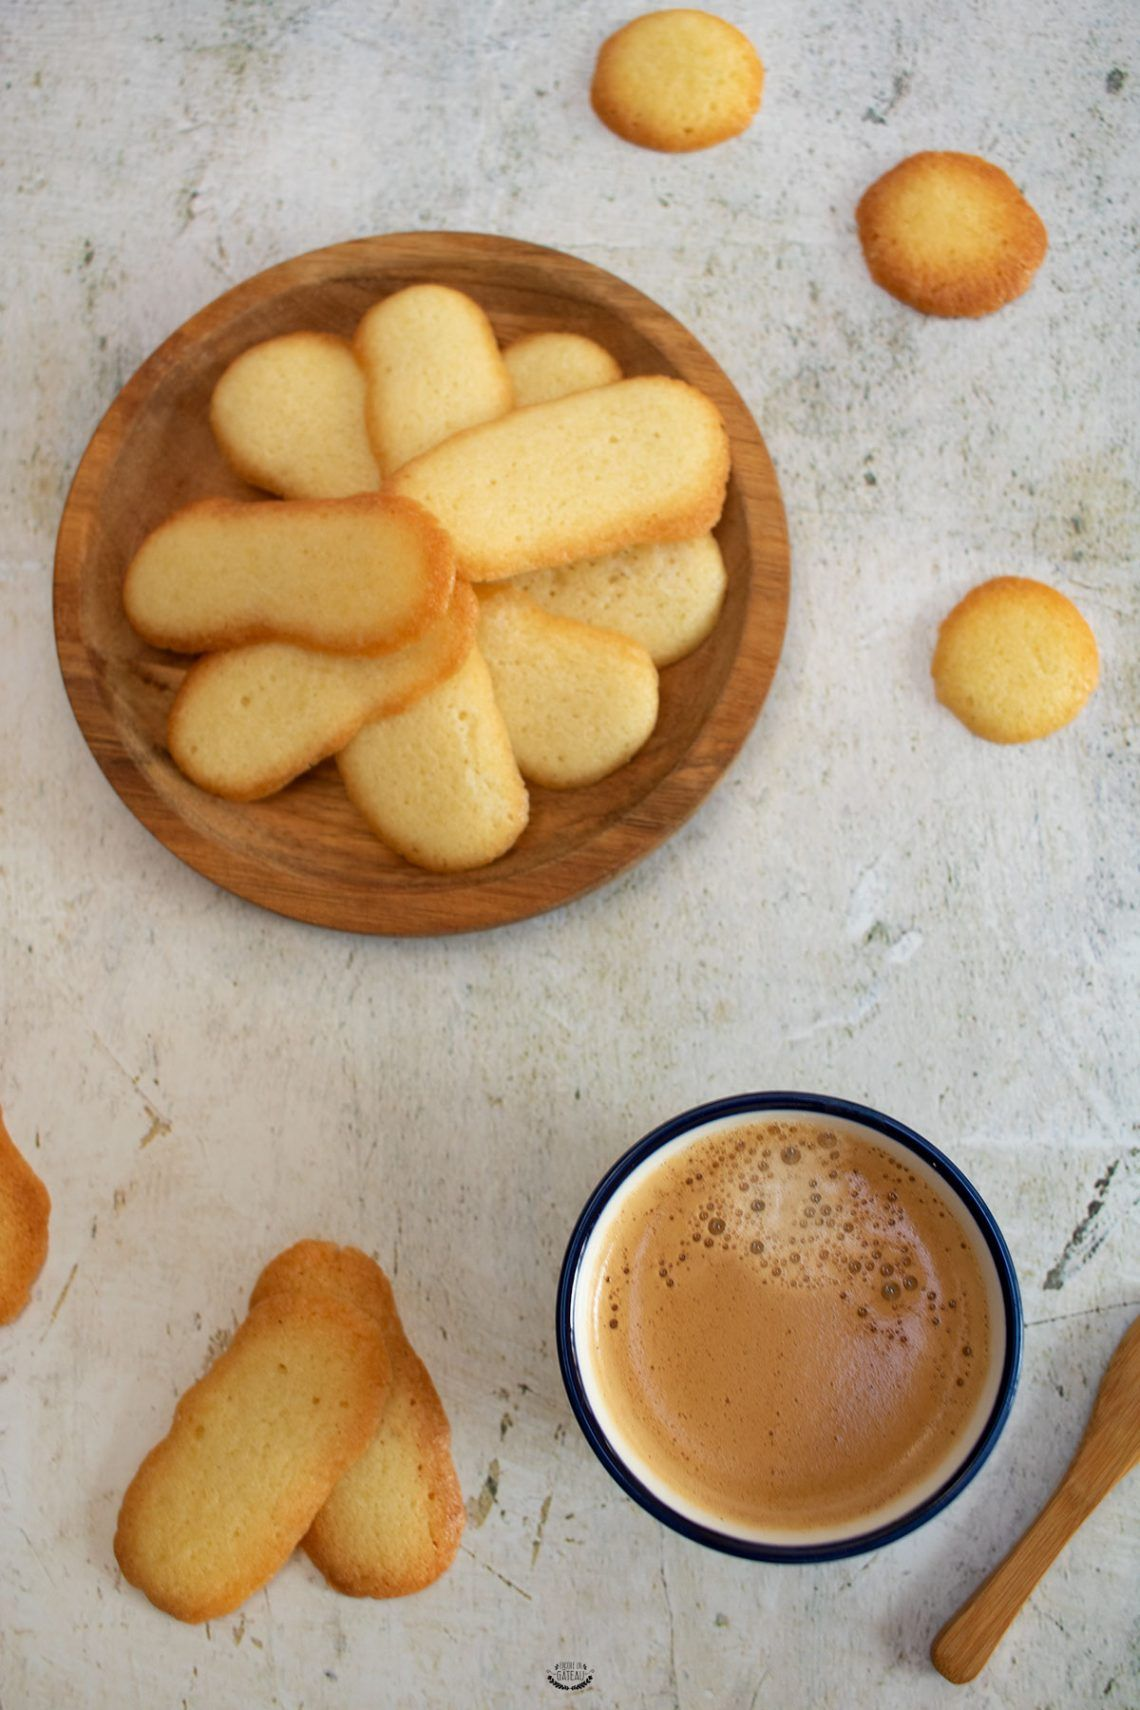 Langues De Chat Biscuits Faciles Recette Recette Biscuit Facile Langues De Chat Recette Langue De Chat